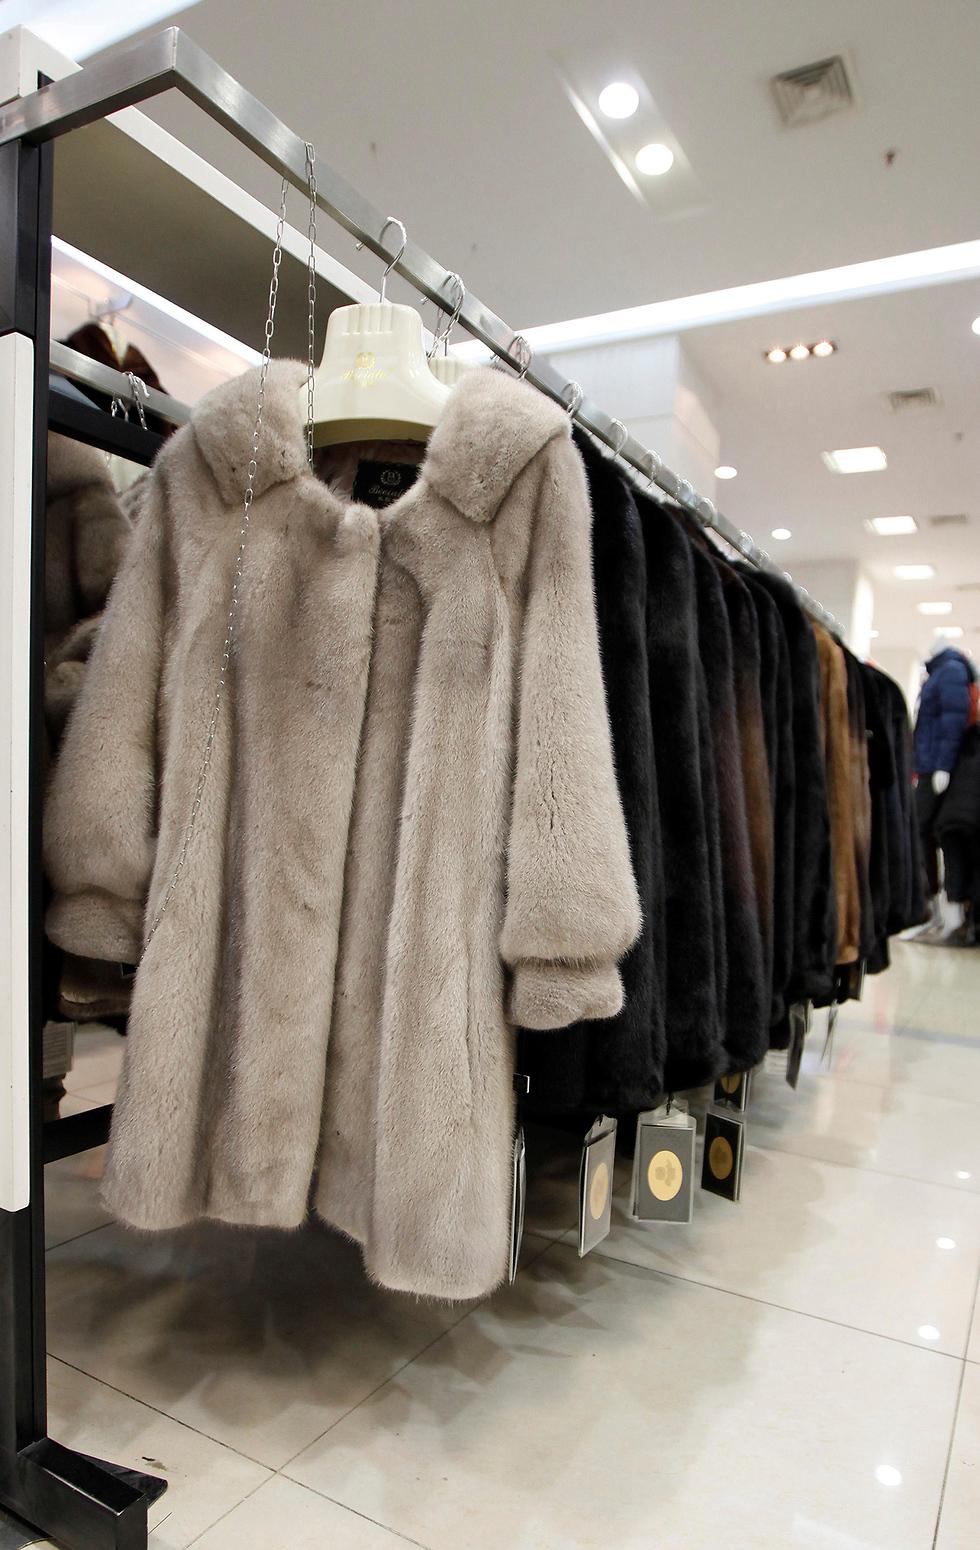 מעיל פרווה מינק חורפן מעילי פרווה מעילים (צילום: רויטרס)